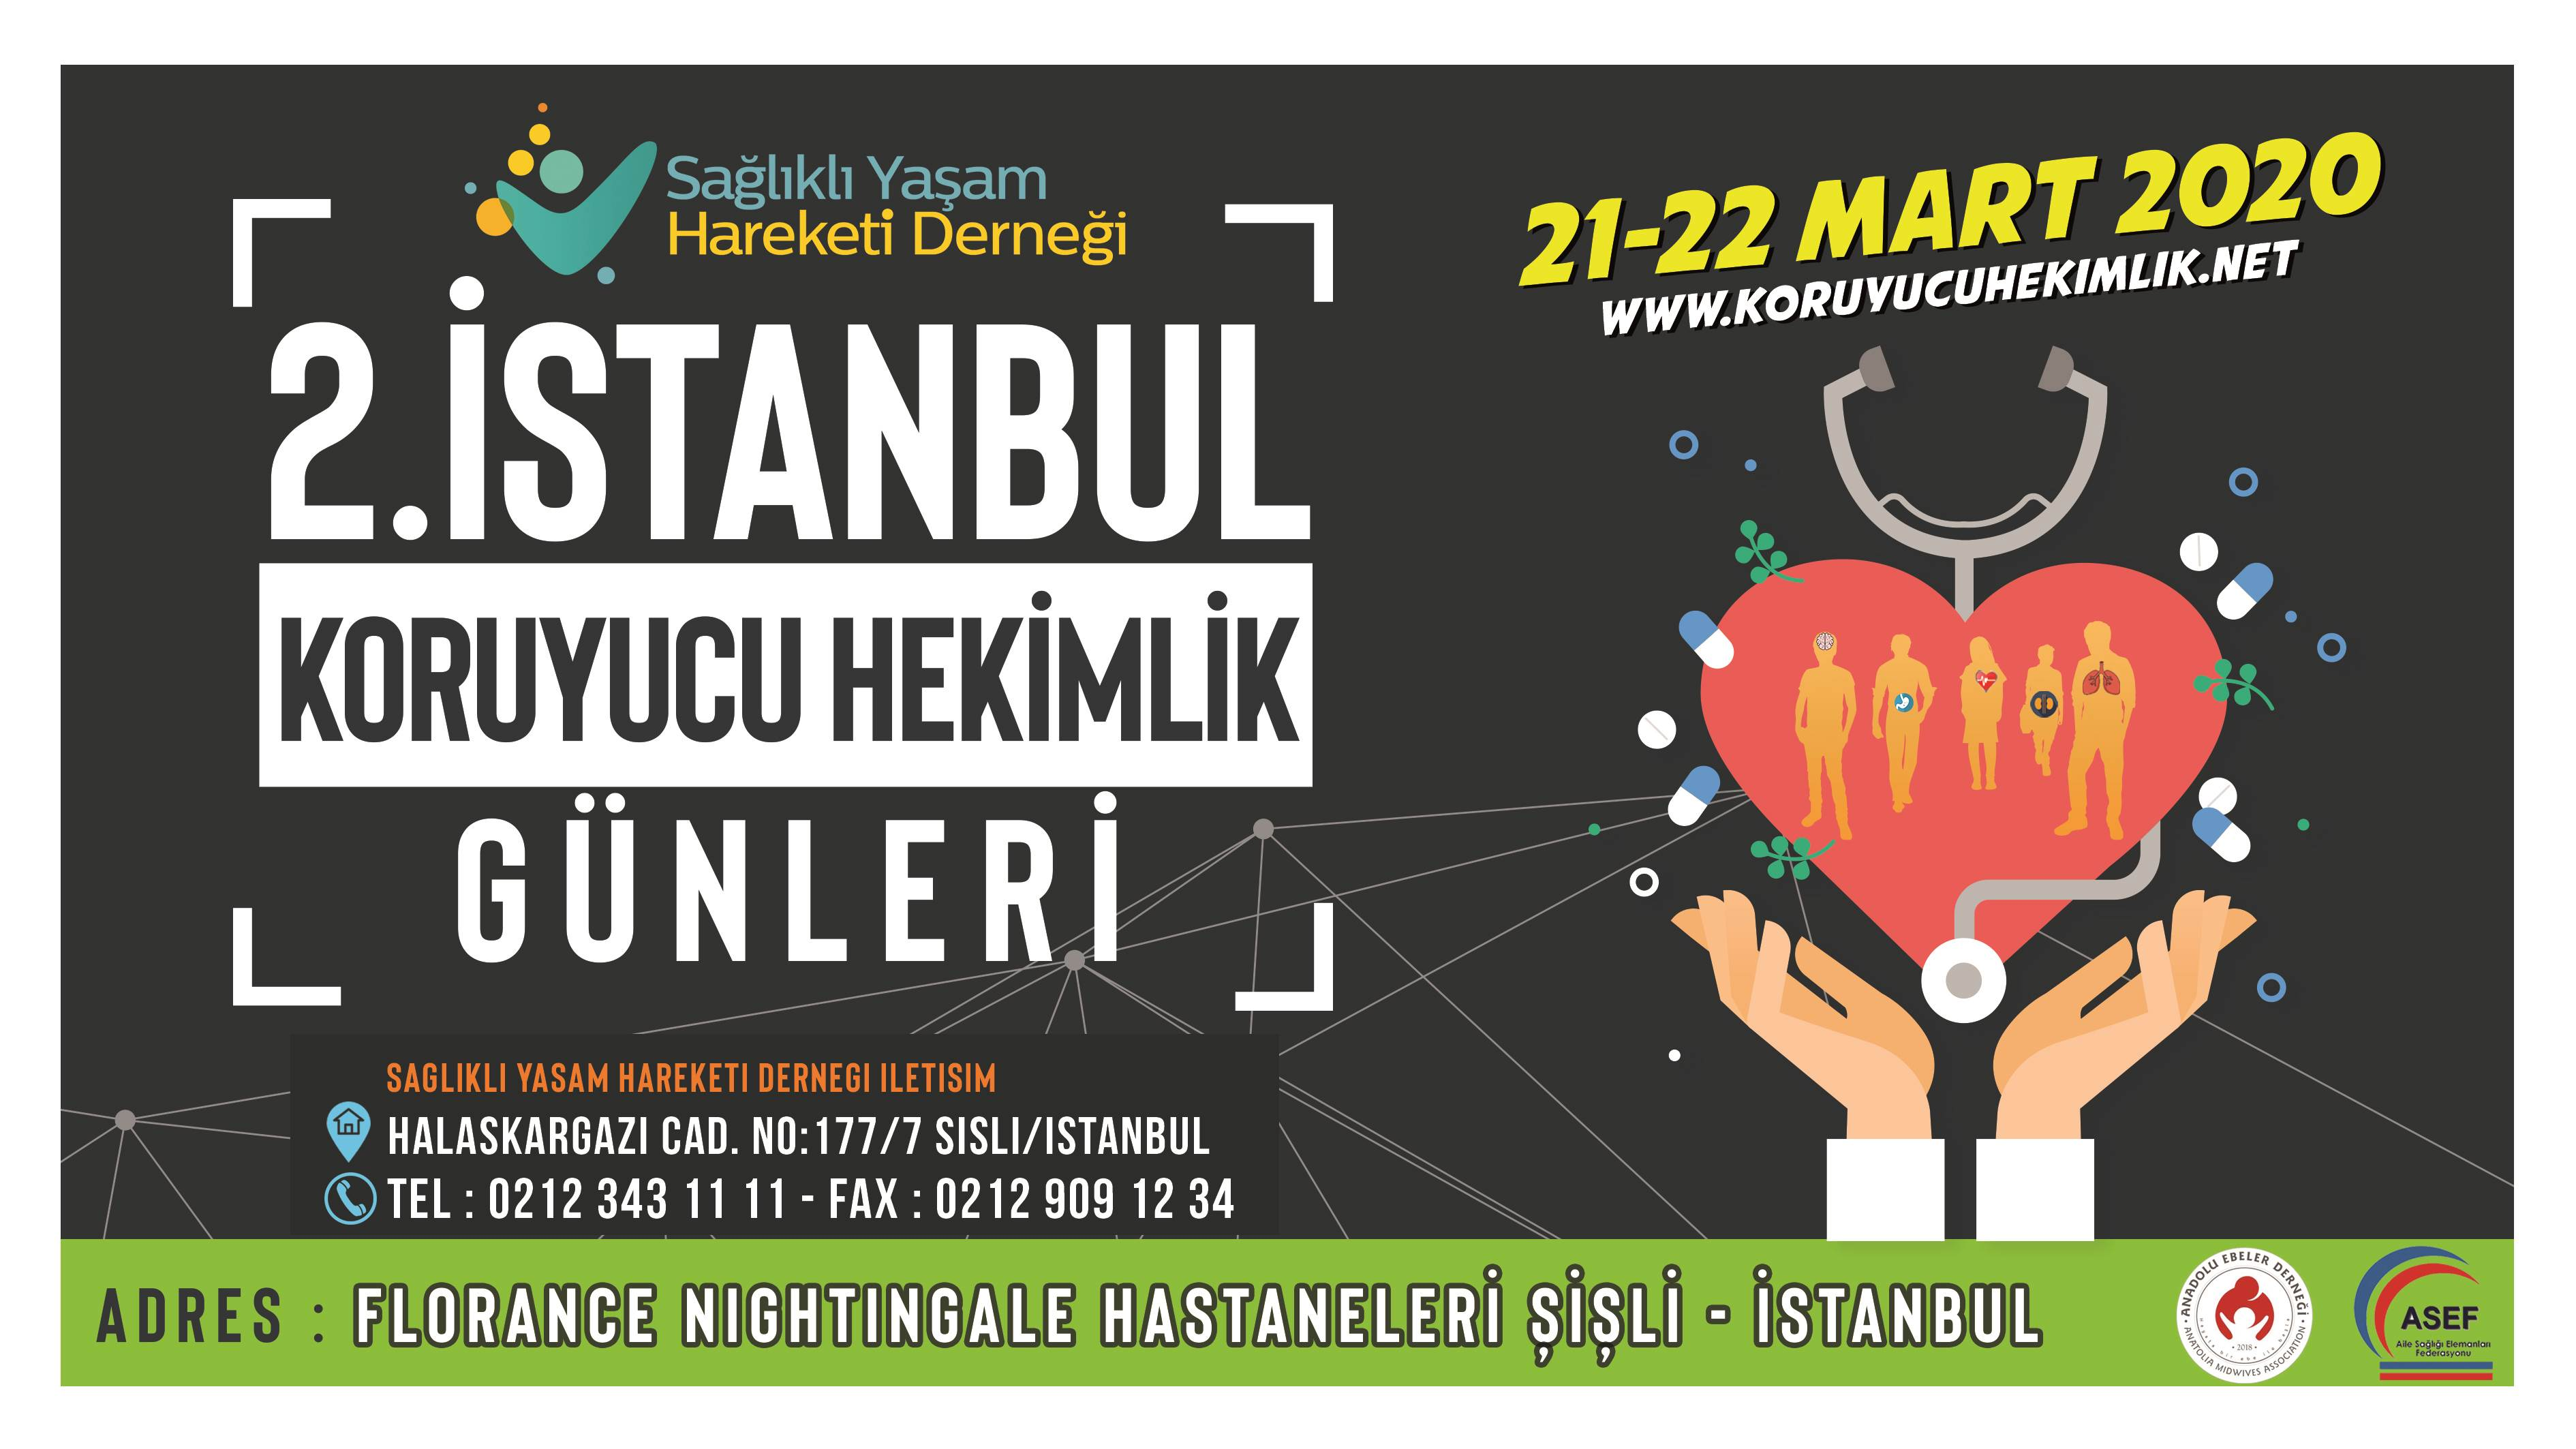 İstanbul Koruyucu Hekimlik Günleri Sempozyumu